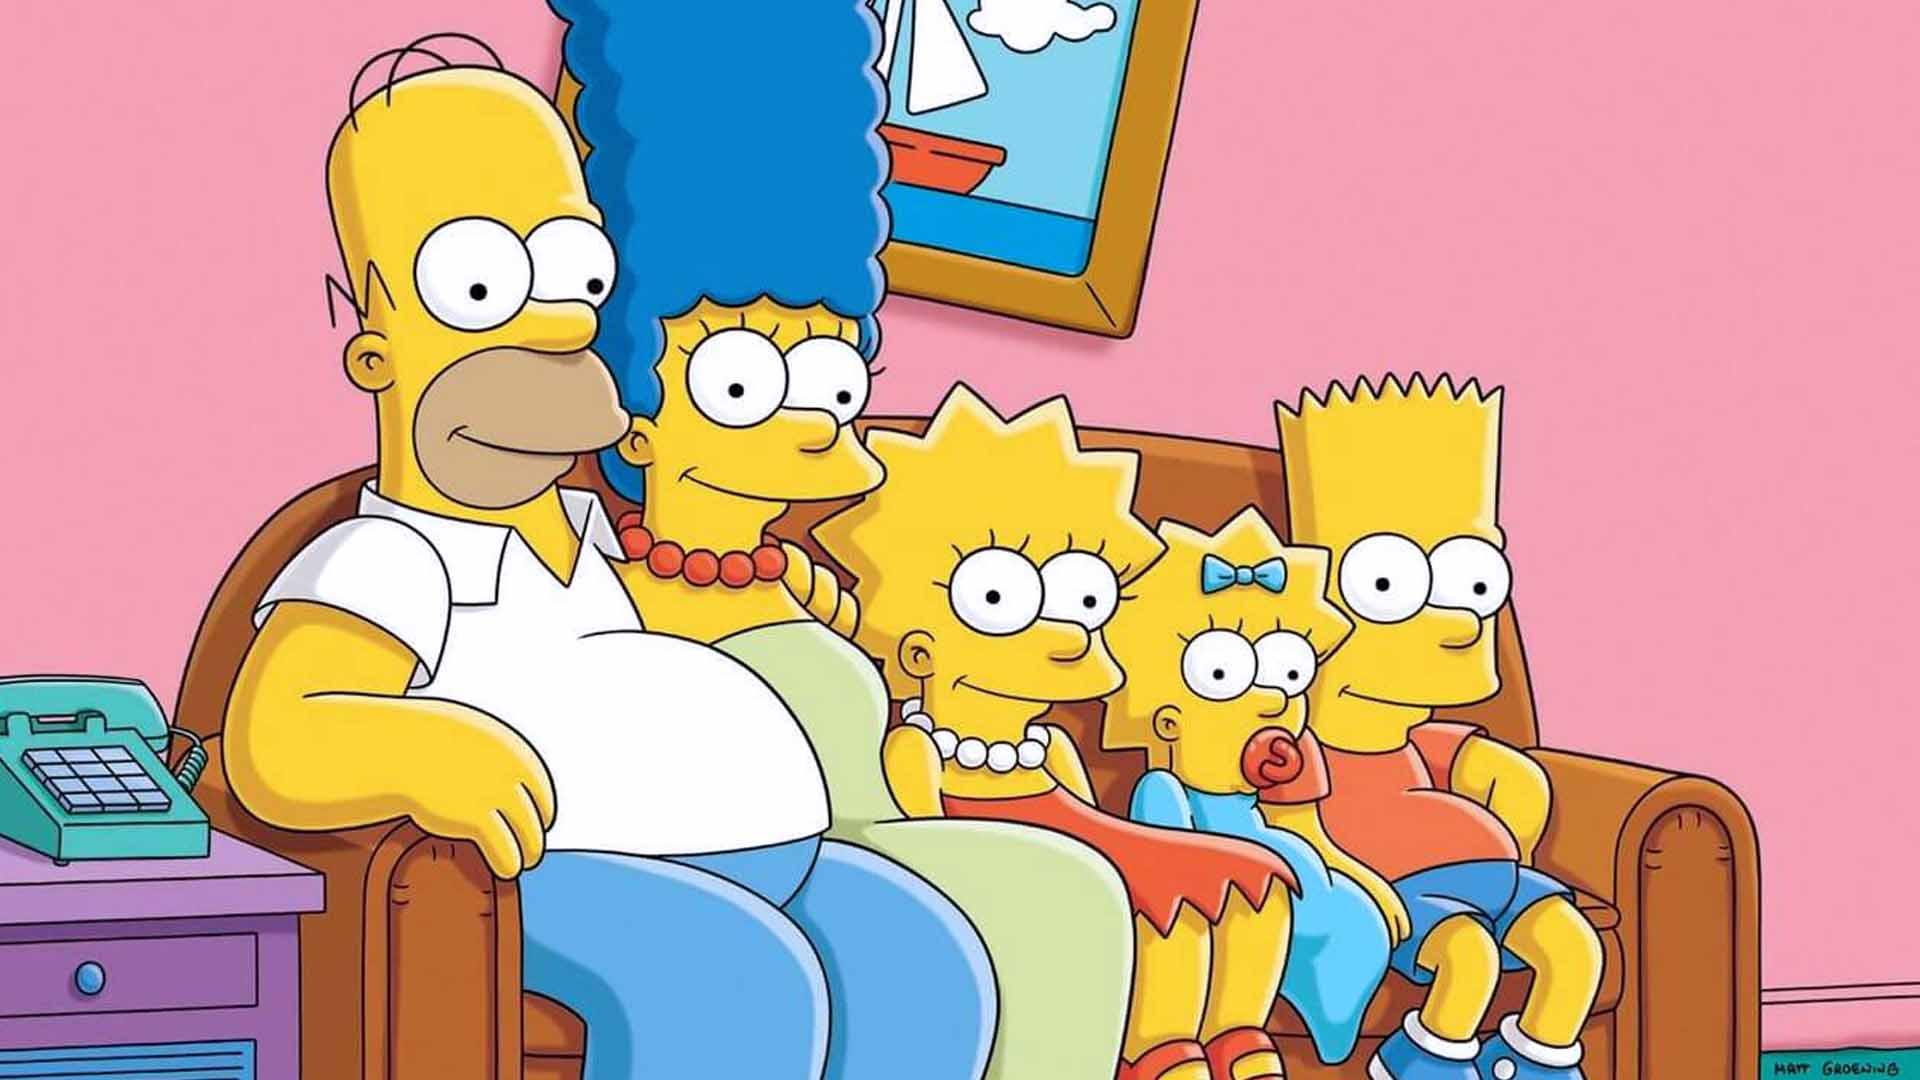 La stagione 30 dei Simpson è molo diversa dalla stagione 1